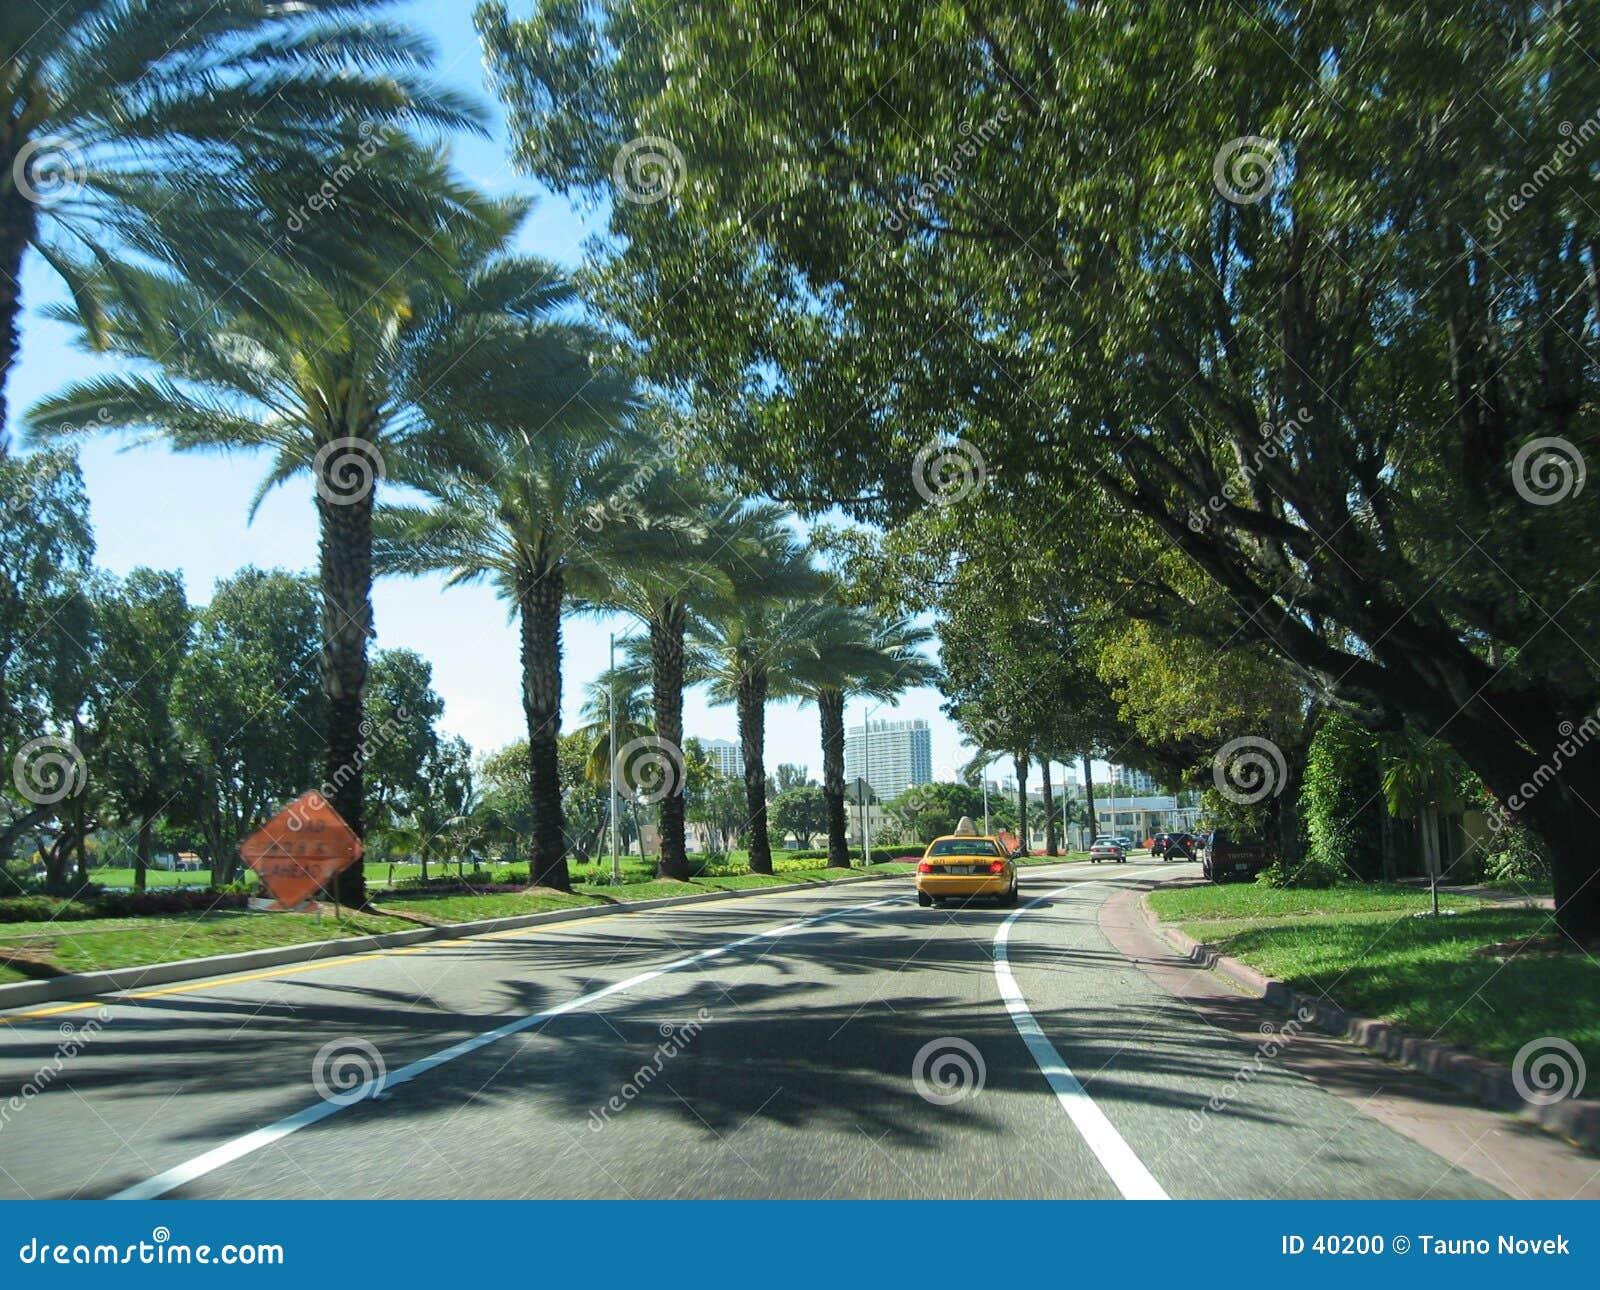 Palmenstraße